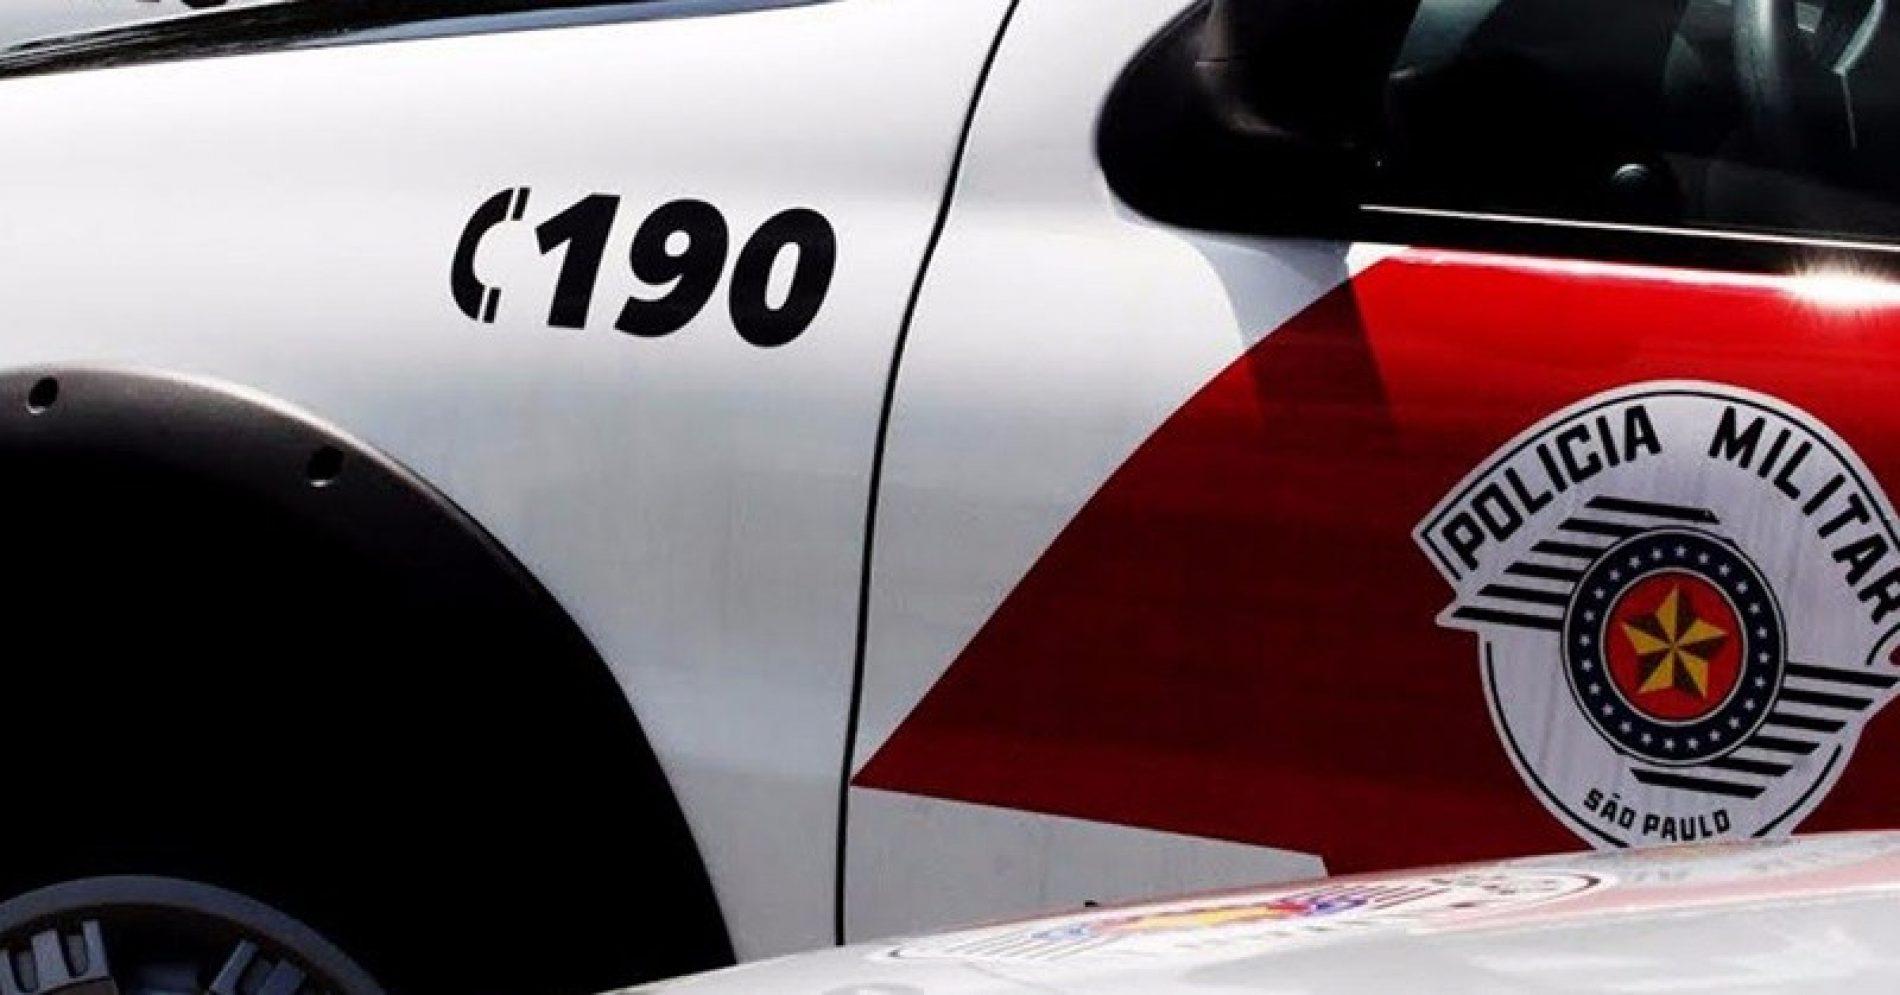 BARRETOS: Veículos são furtados nas imediações de hospitais